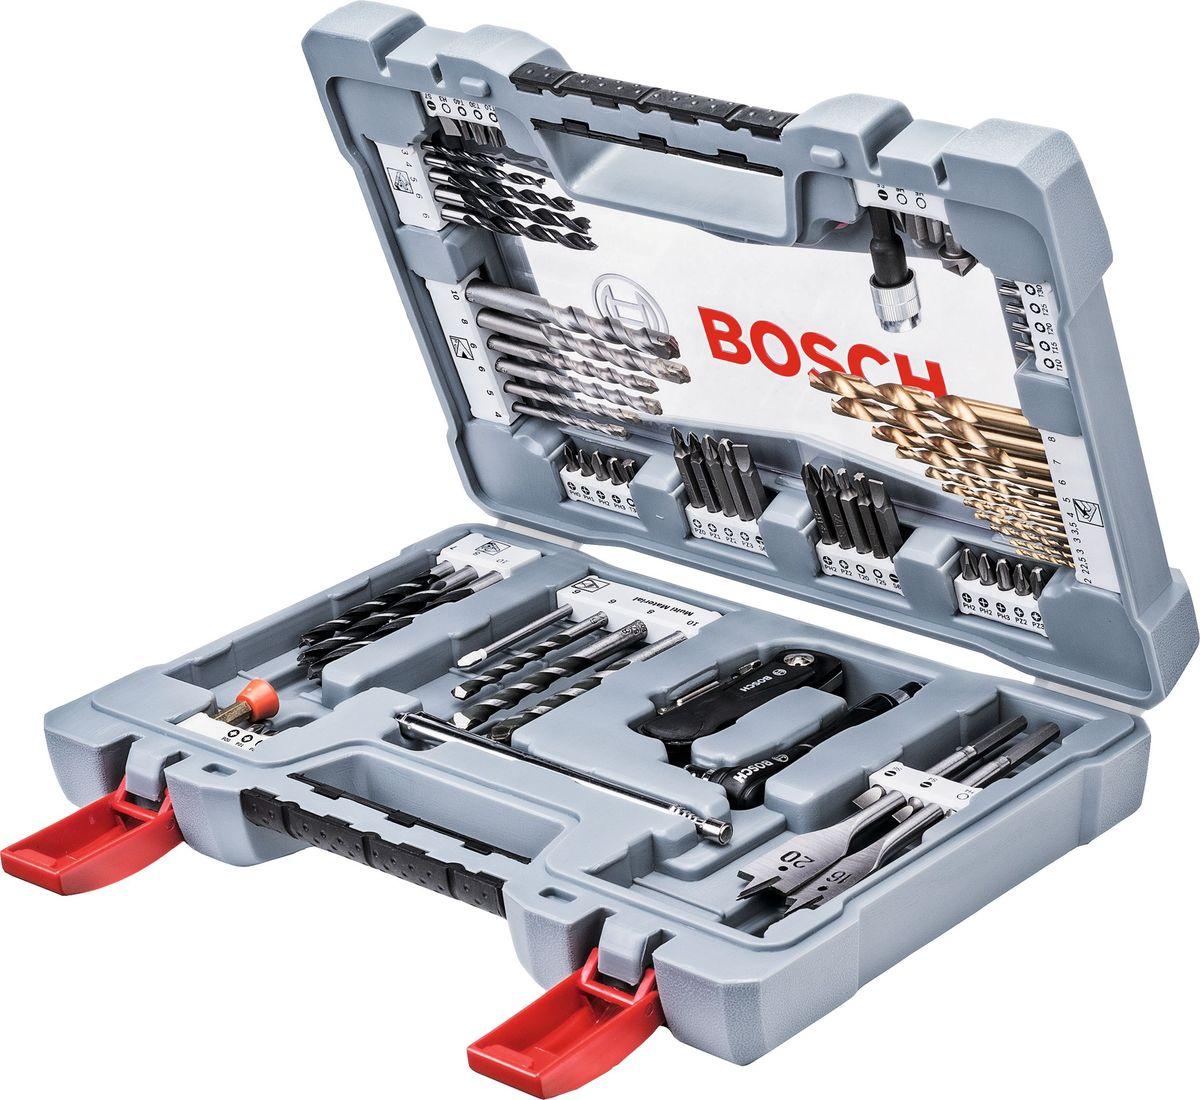 Набор оснастки Bosch Premium Set, 76 шт. 2608P00234 сверло калибр 3 4 5 6 7 8 9 10 мм по дереву 8шт